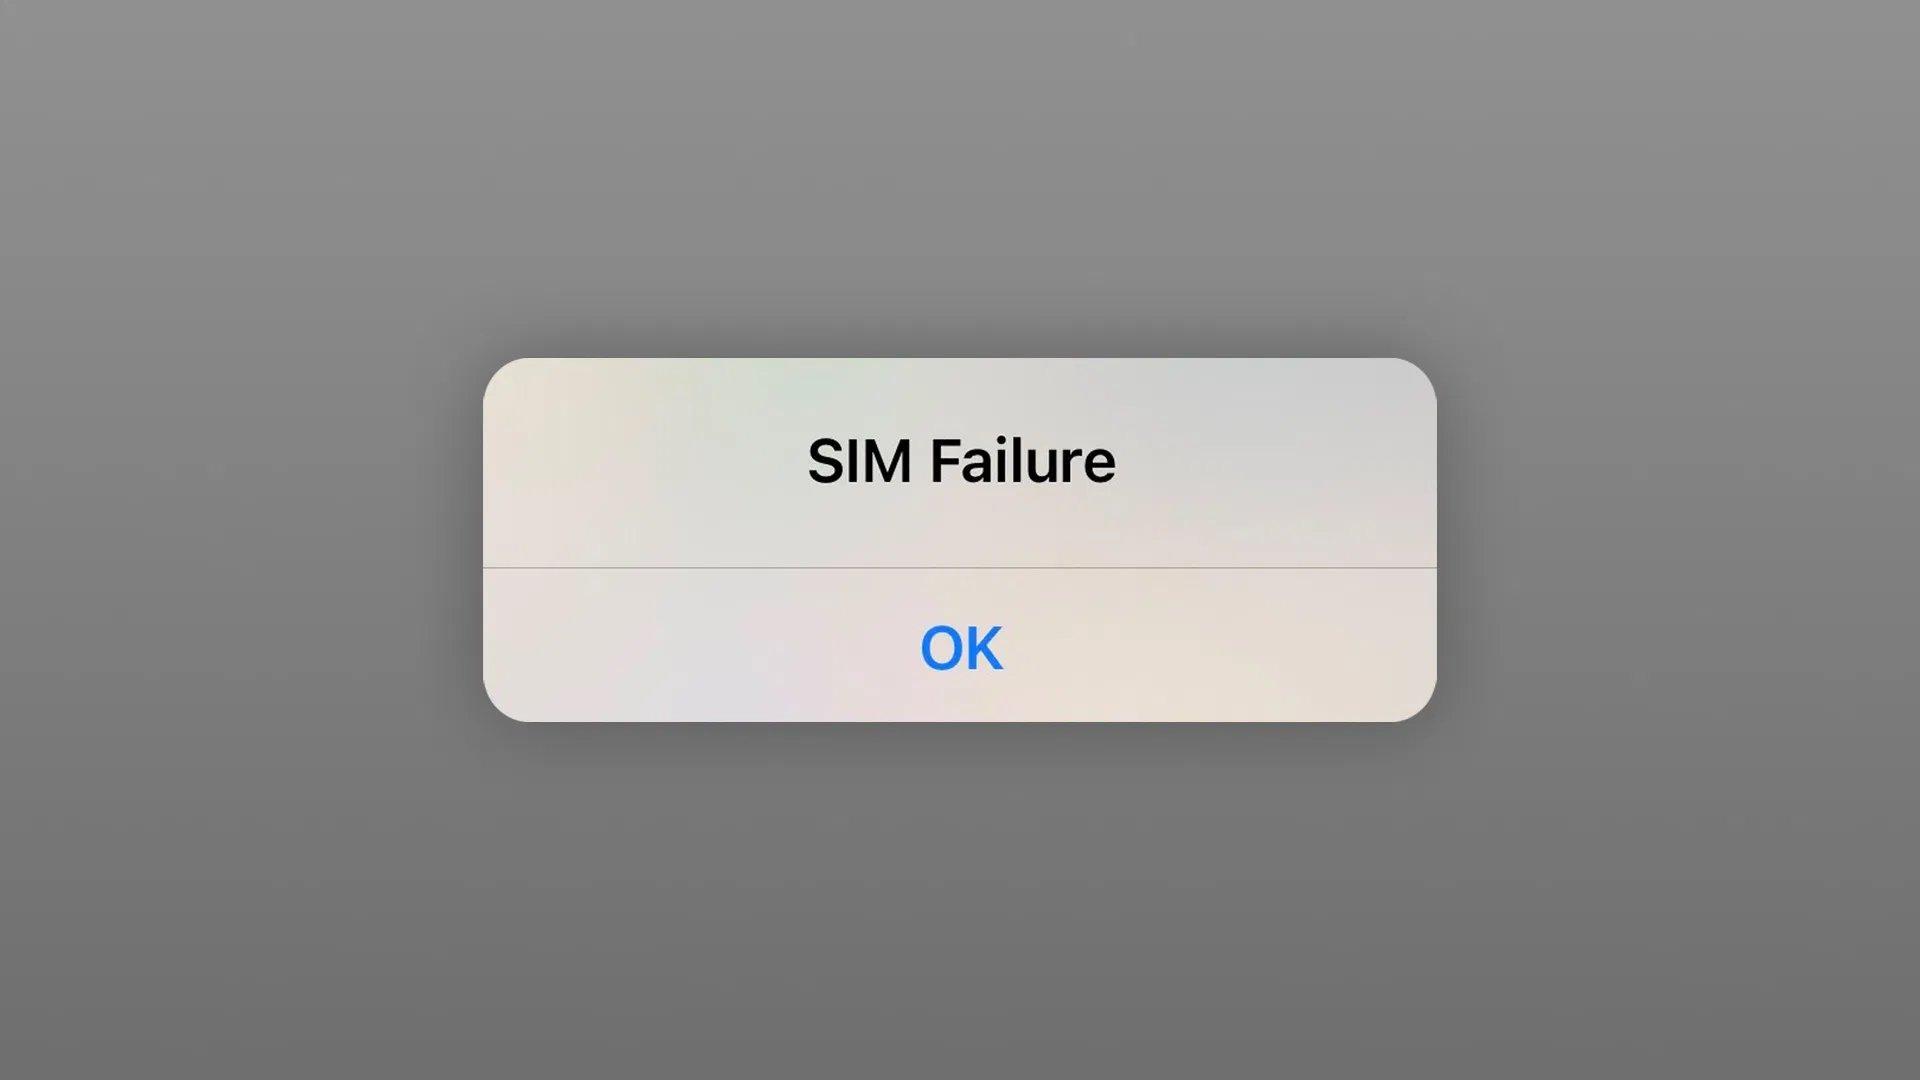 SIM Failure